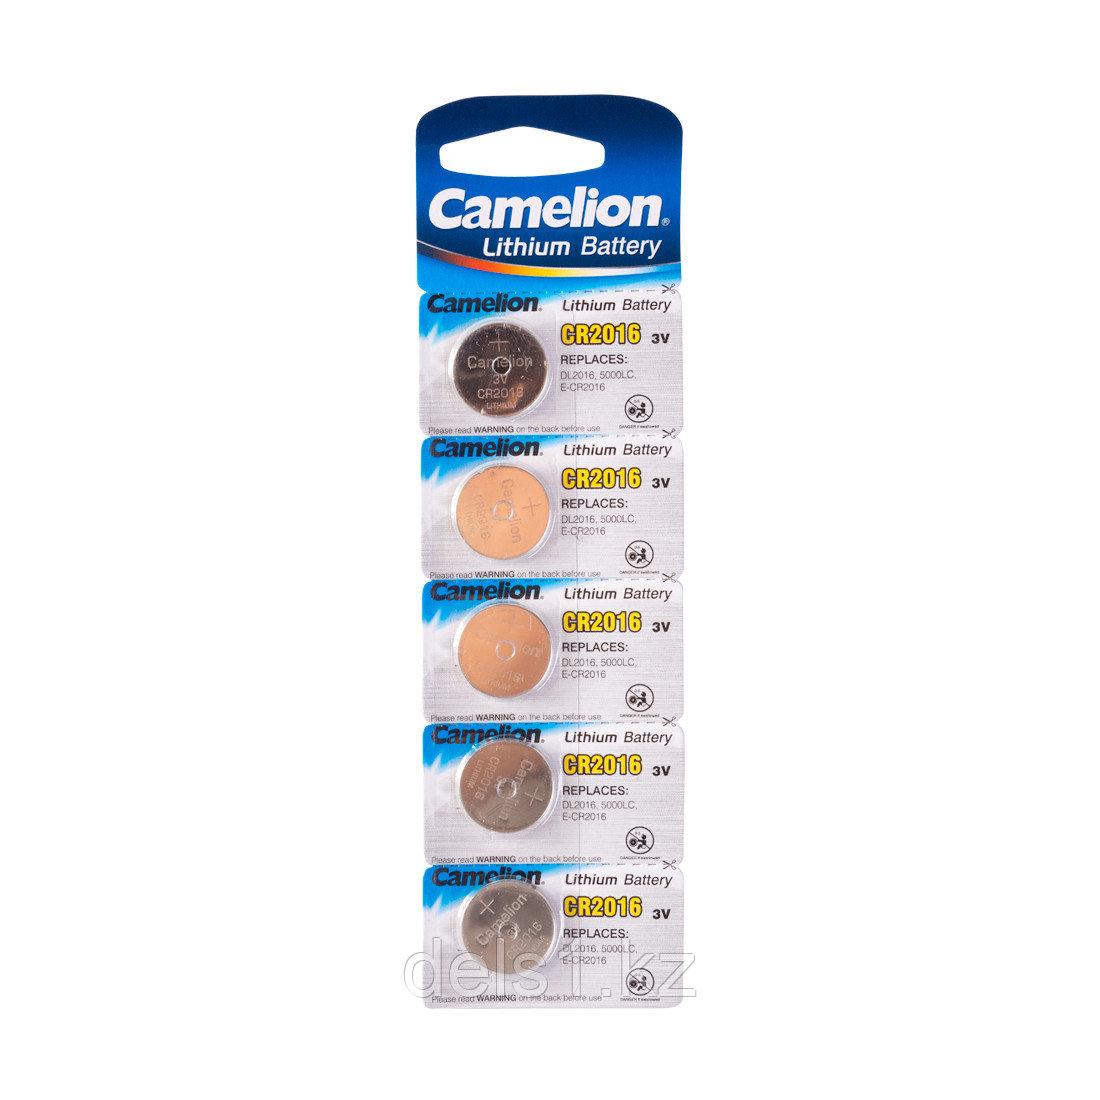 Батарейка, CAMELION, CR2016-BP5, Lithium Battery, CR2016, 3V, 220 mAh, 5 шт.